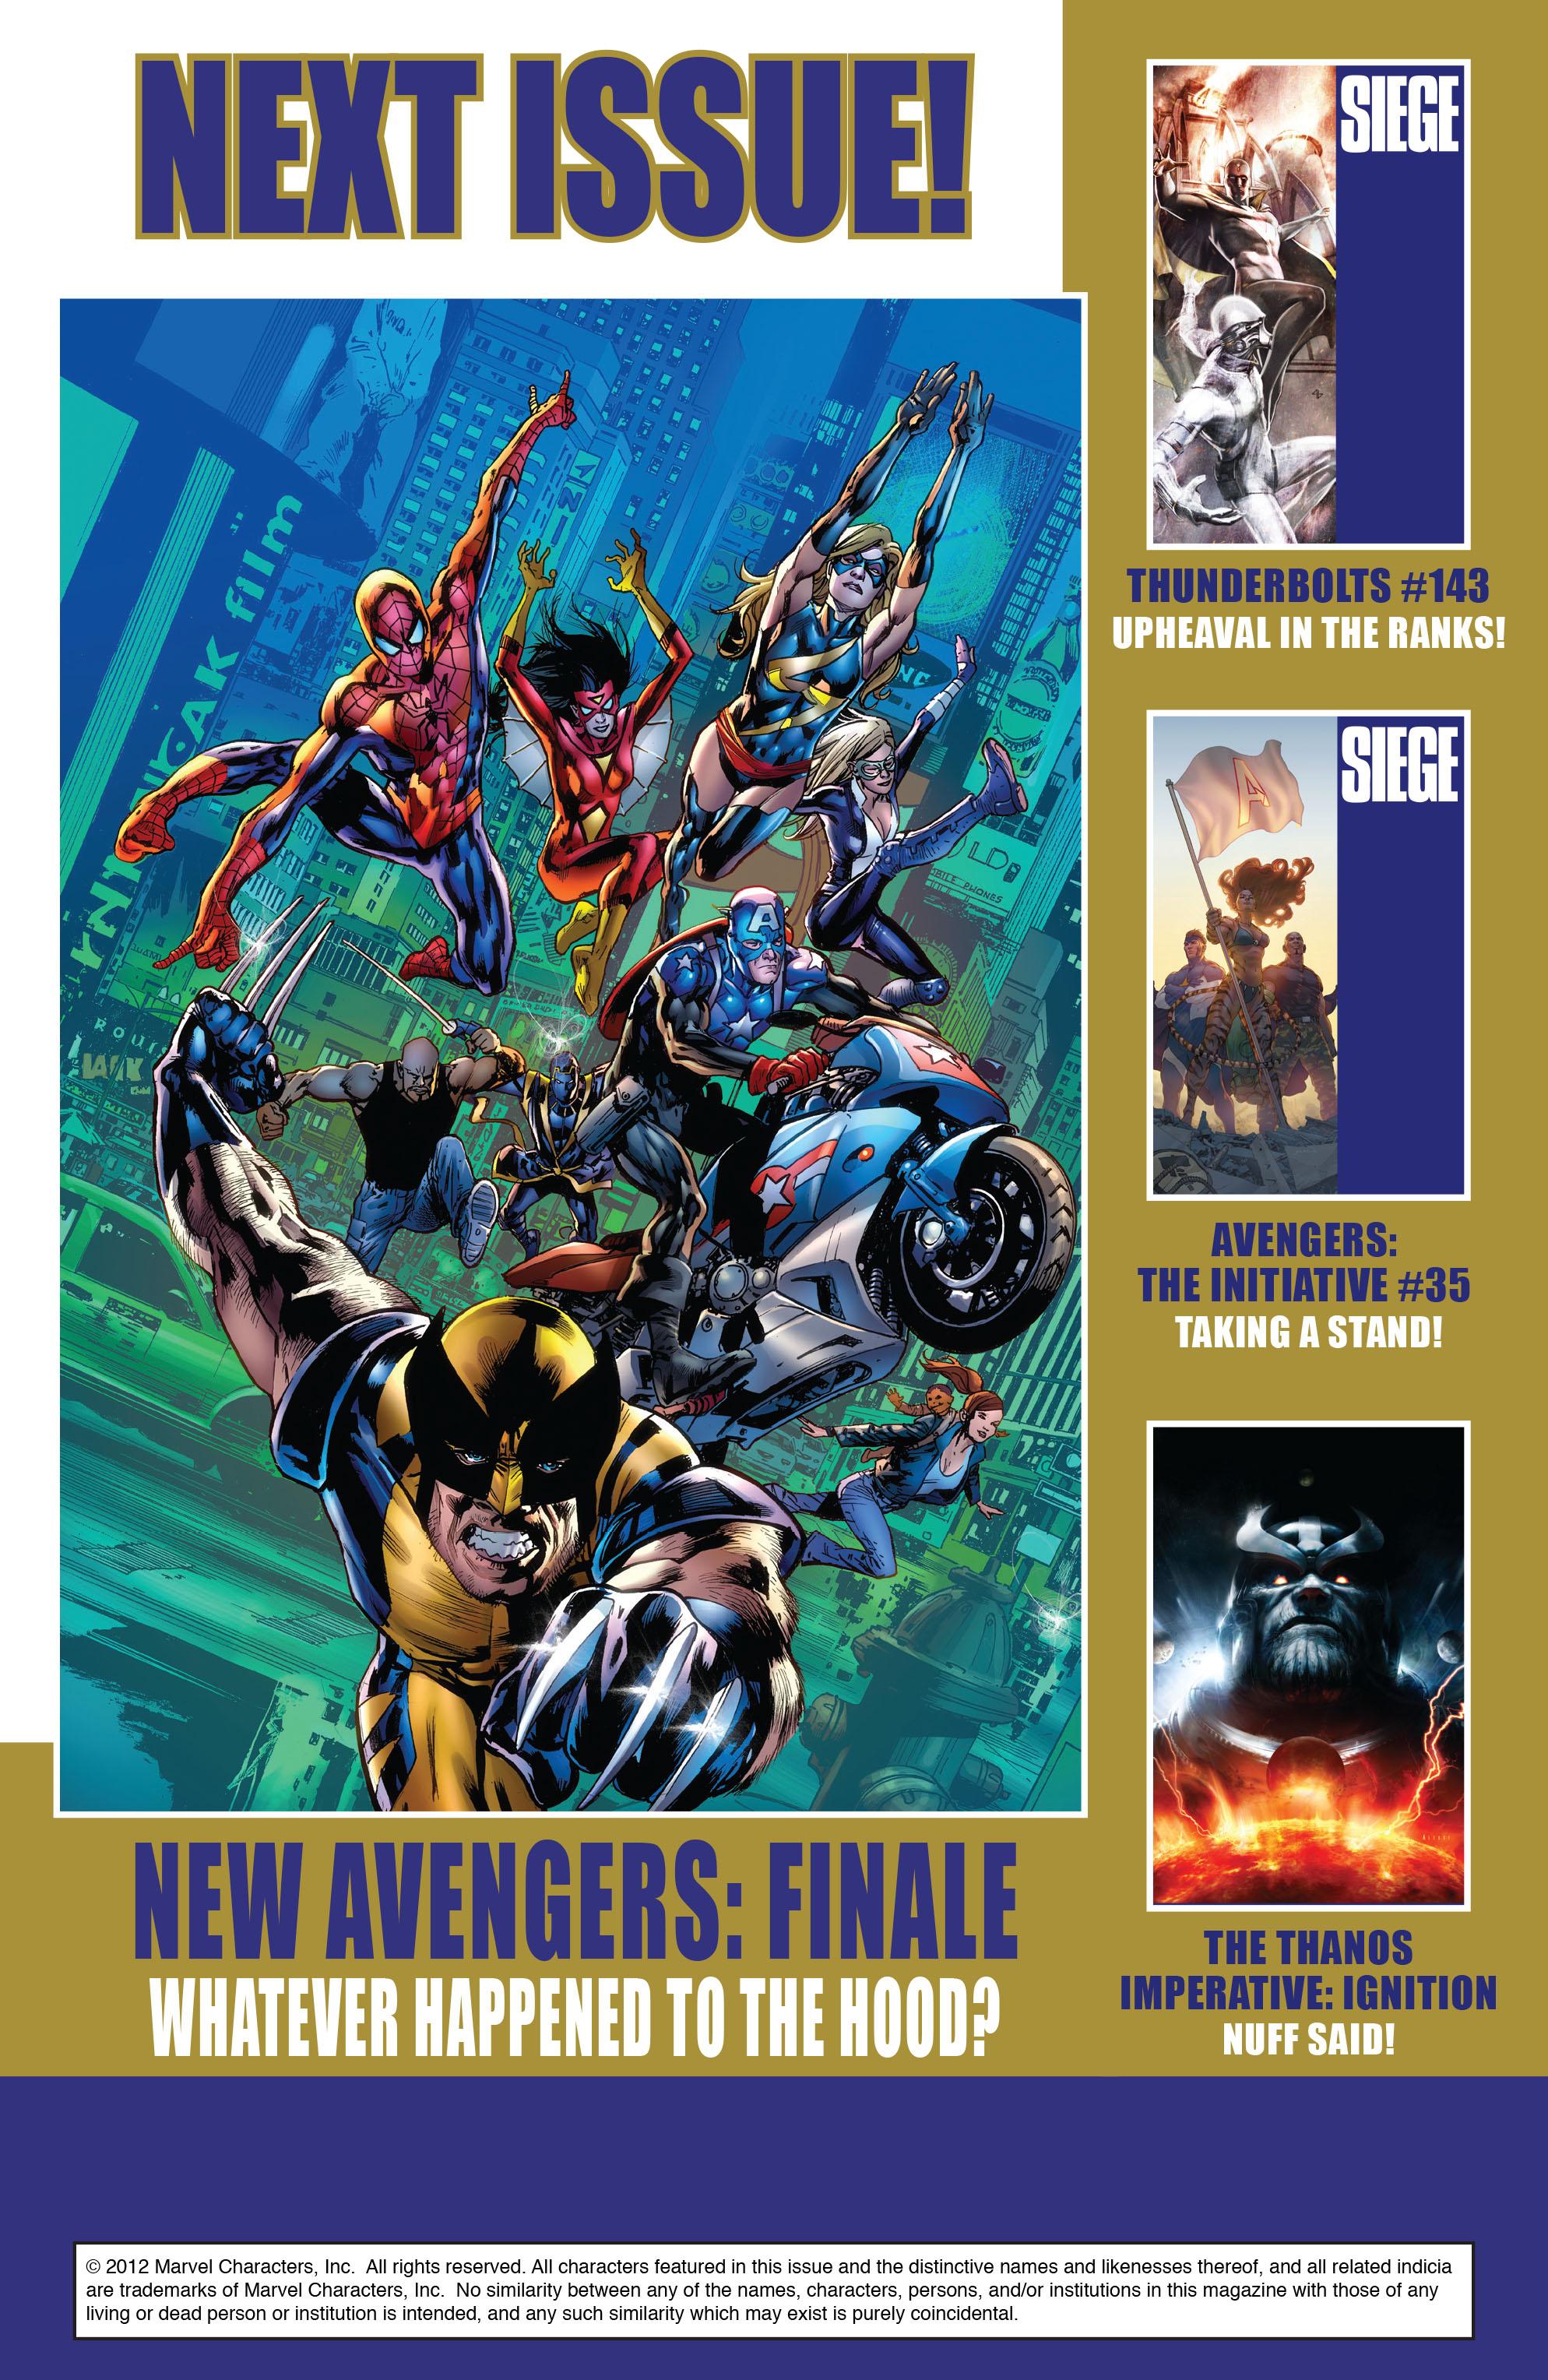 New Avengers (2005) chap 64 pic 21